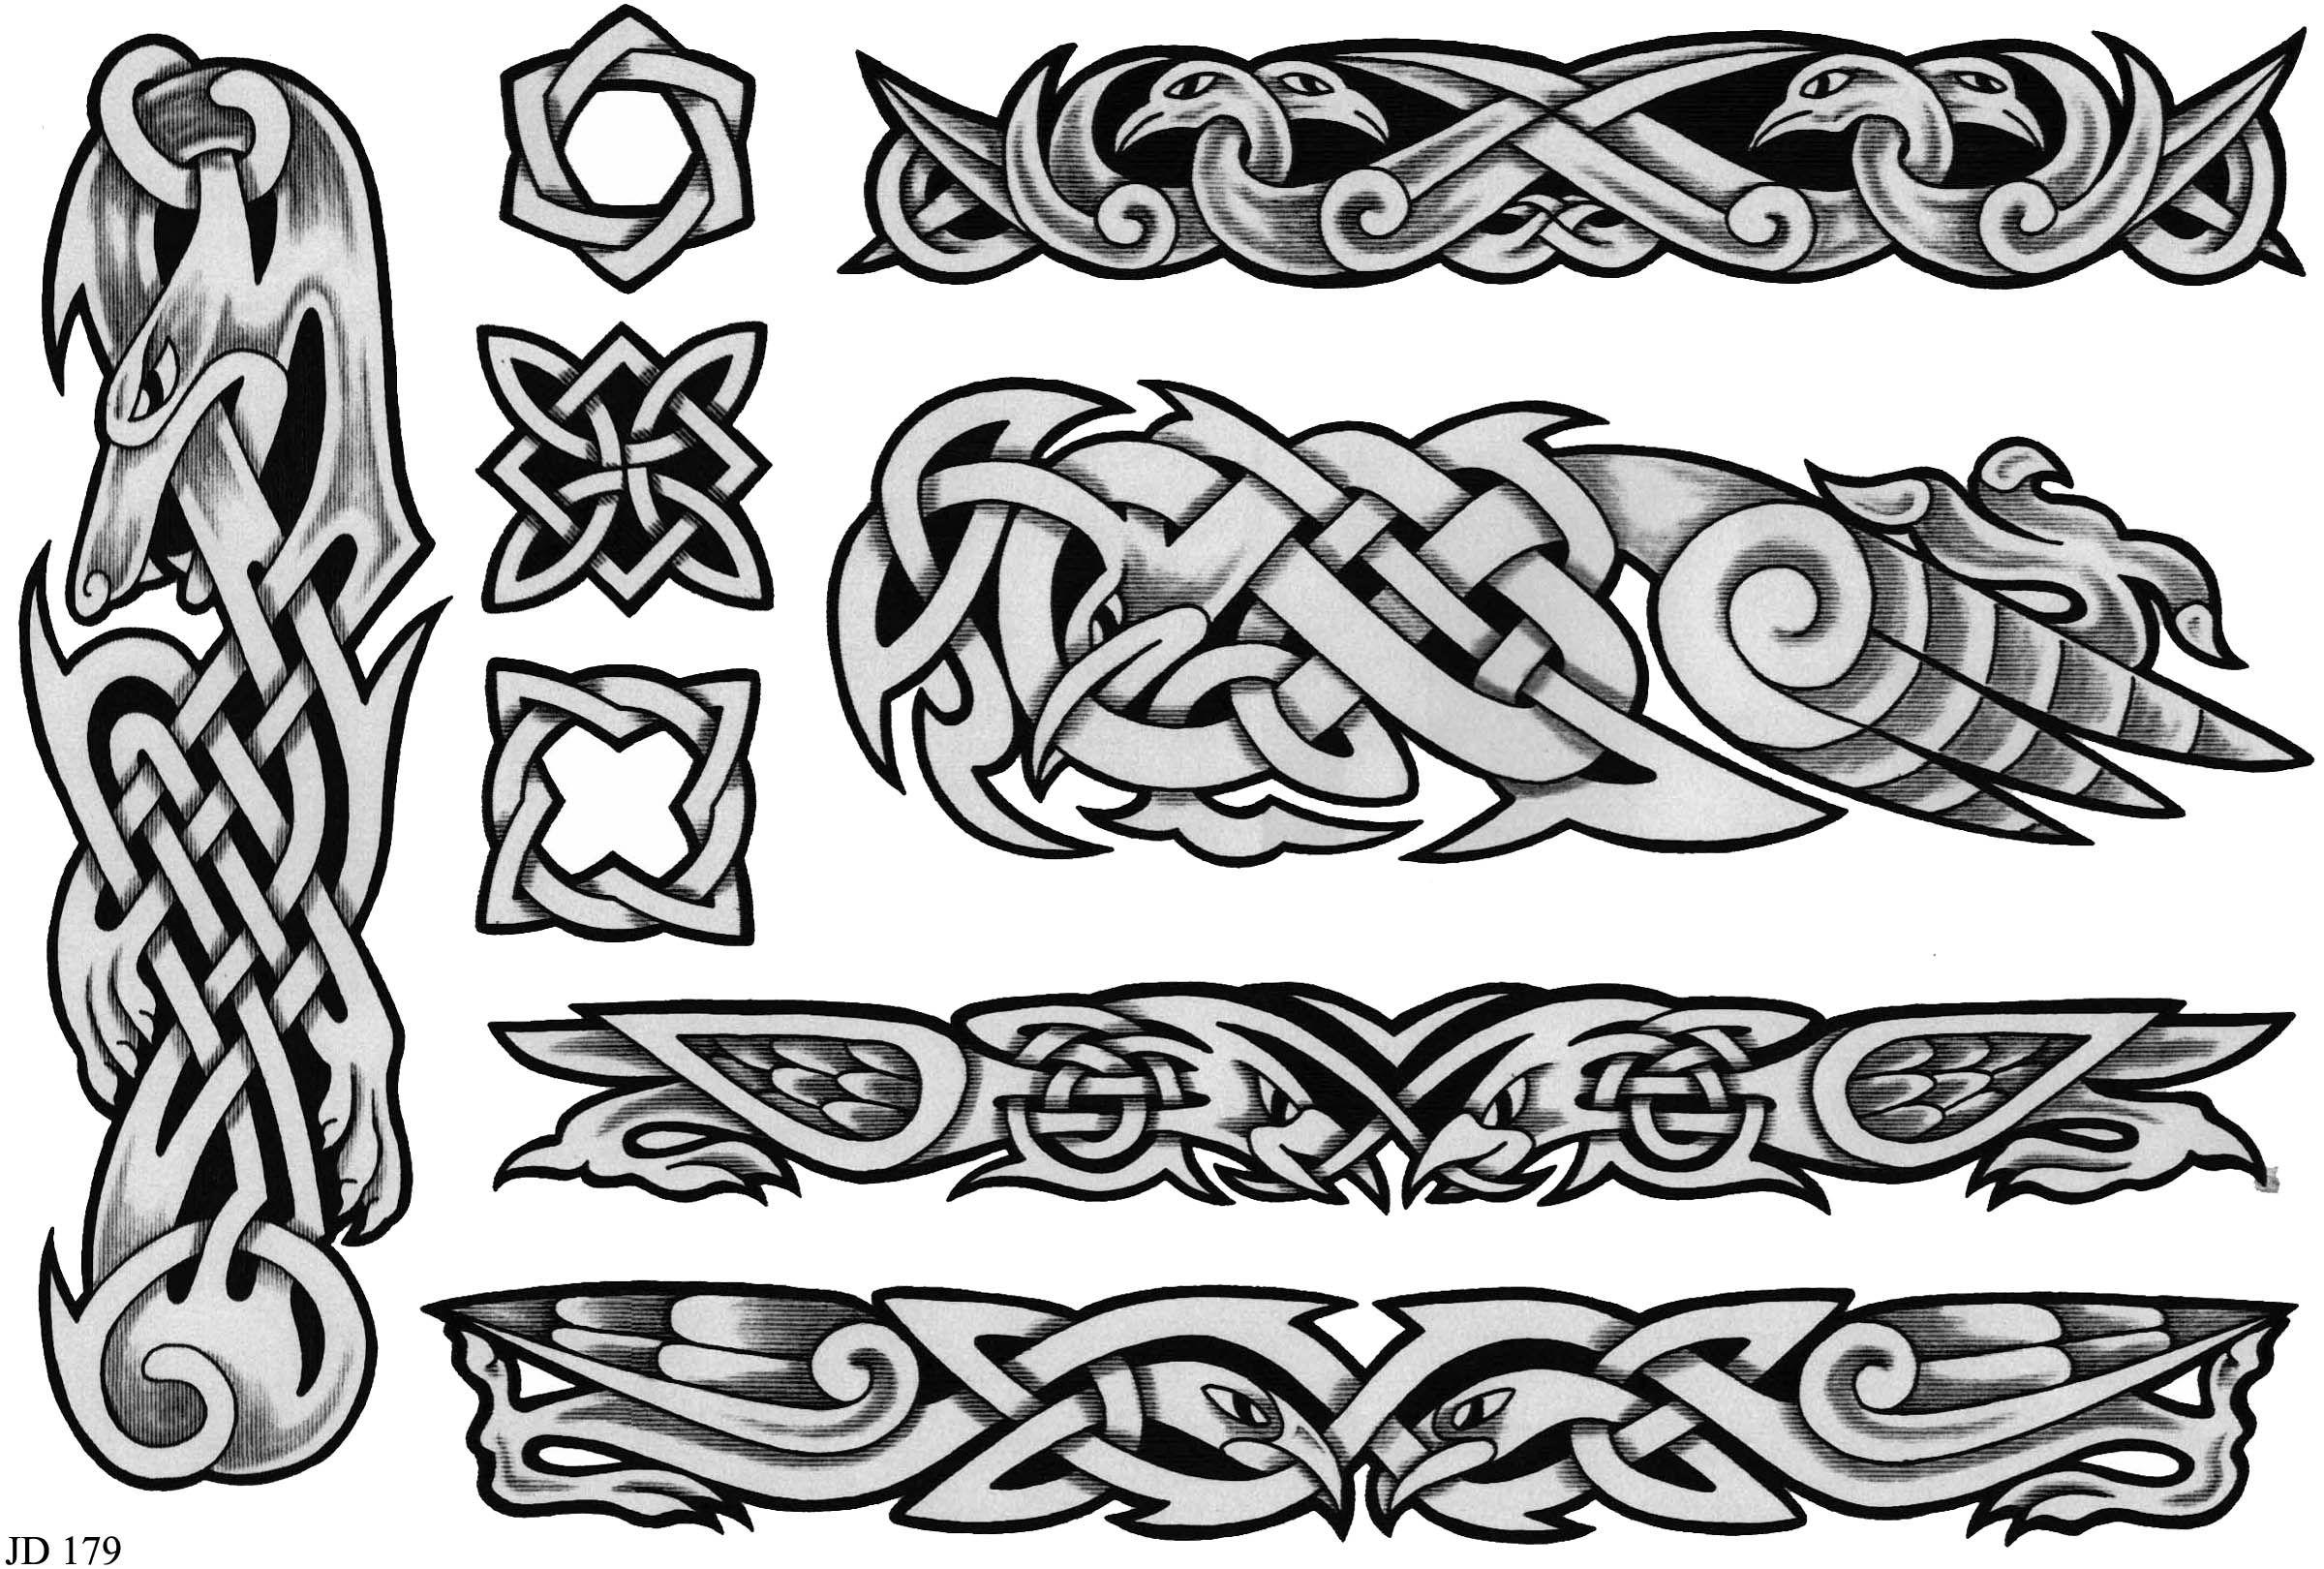 снимке тату кельтский узор картинки изменения